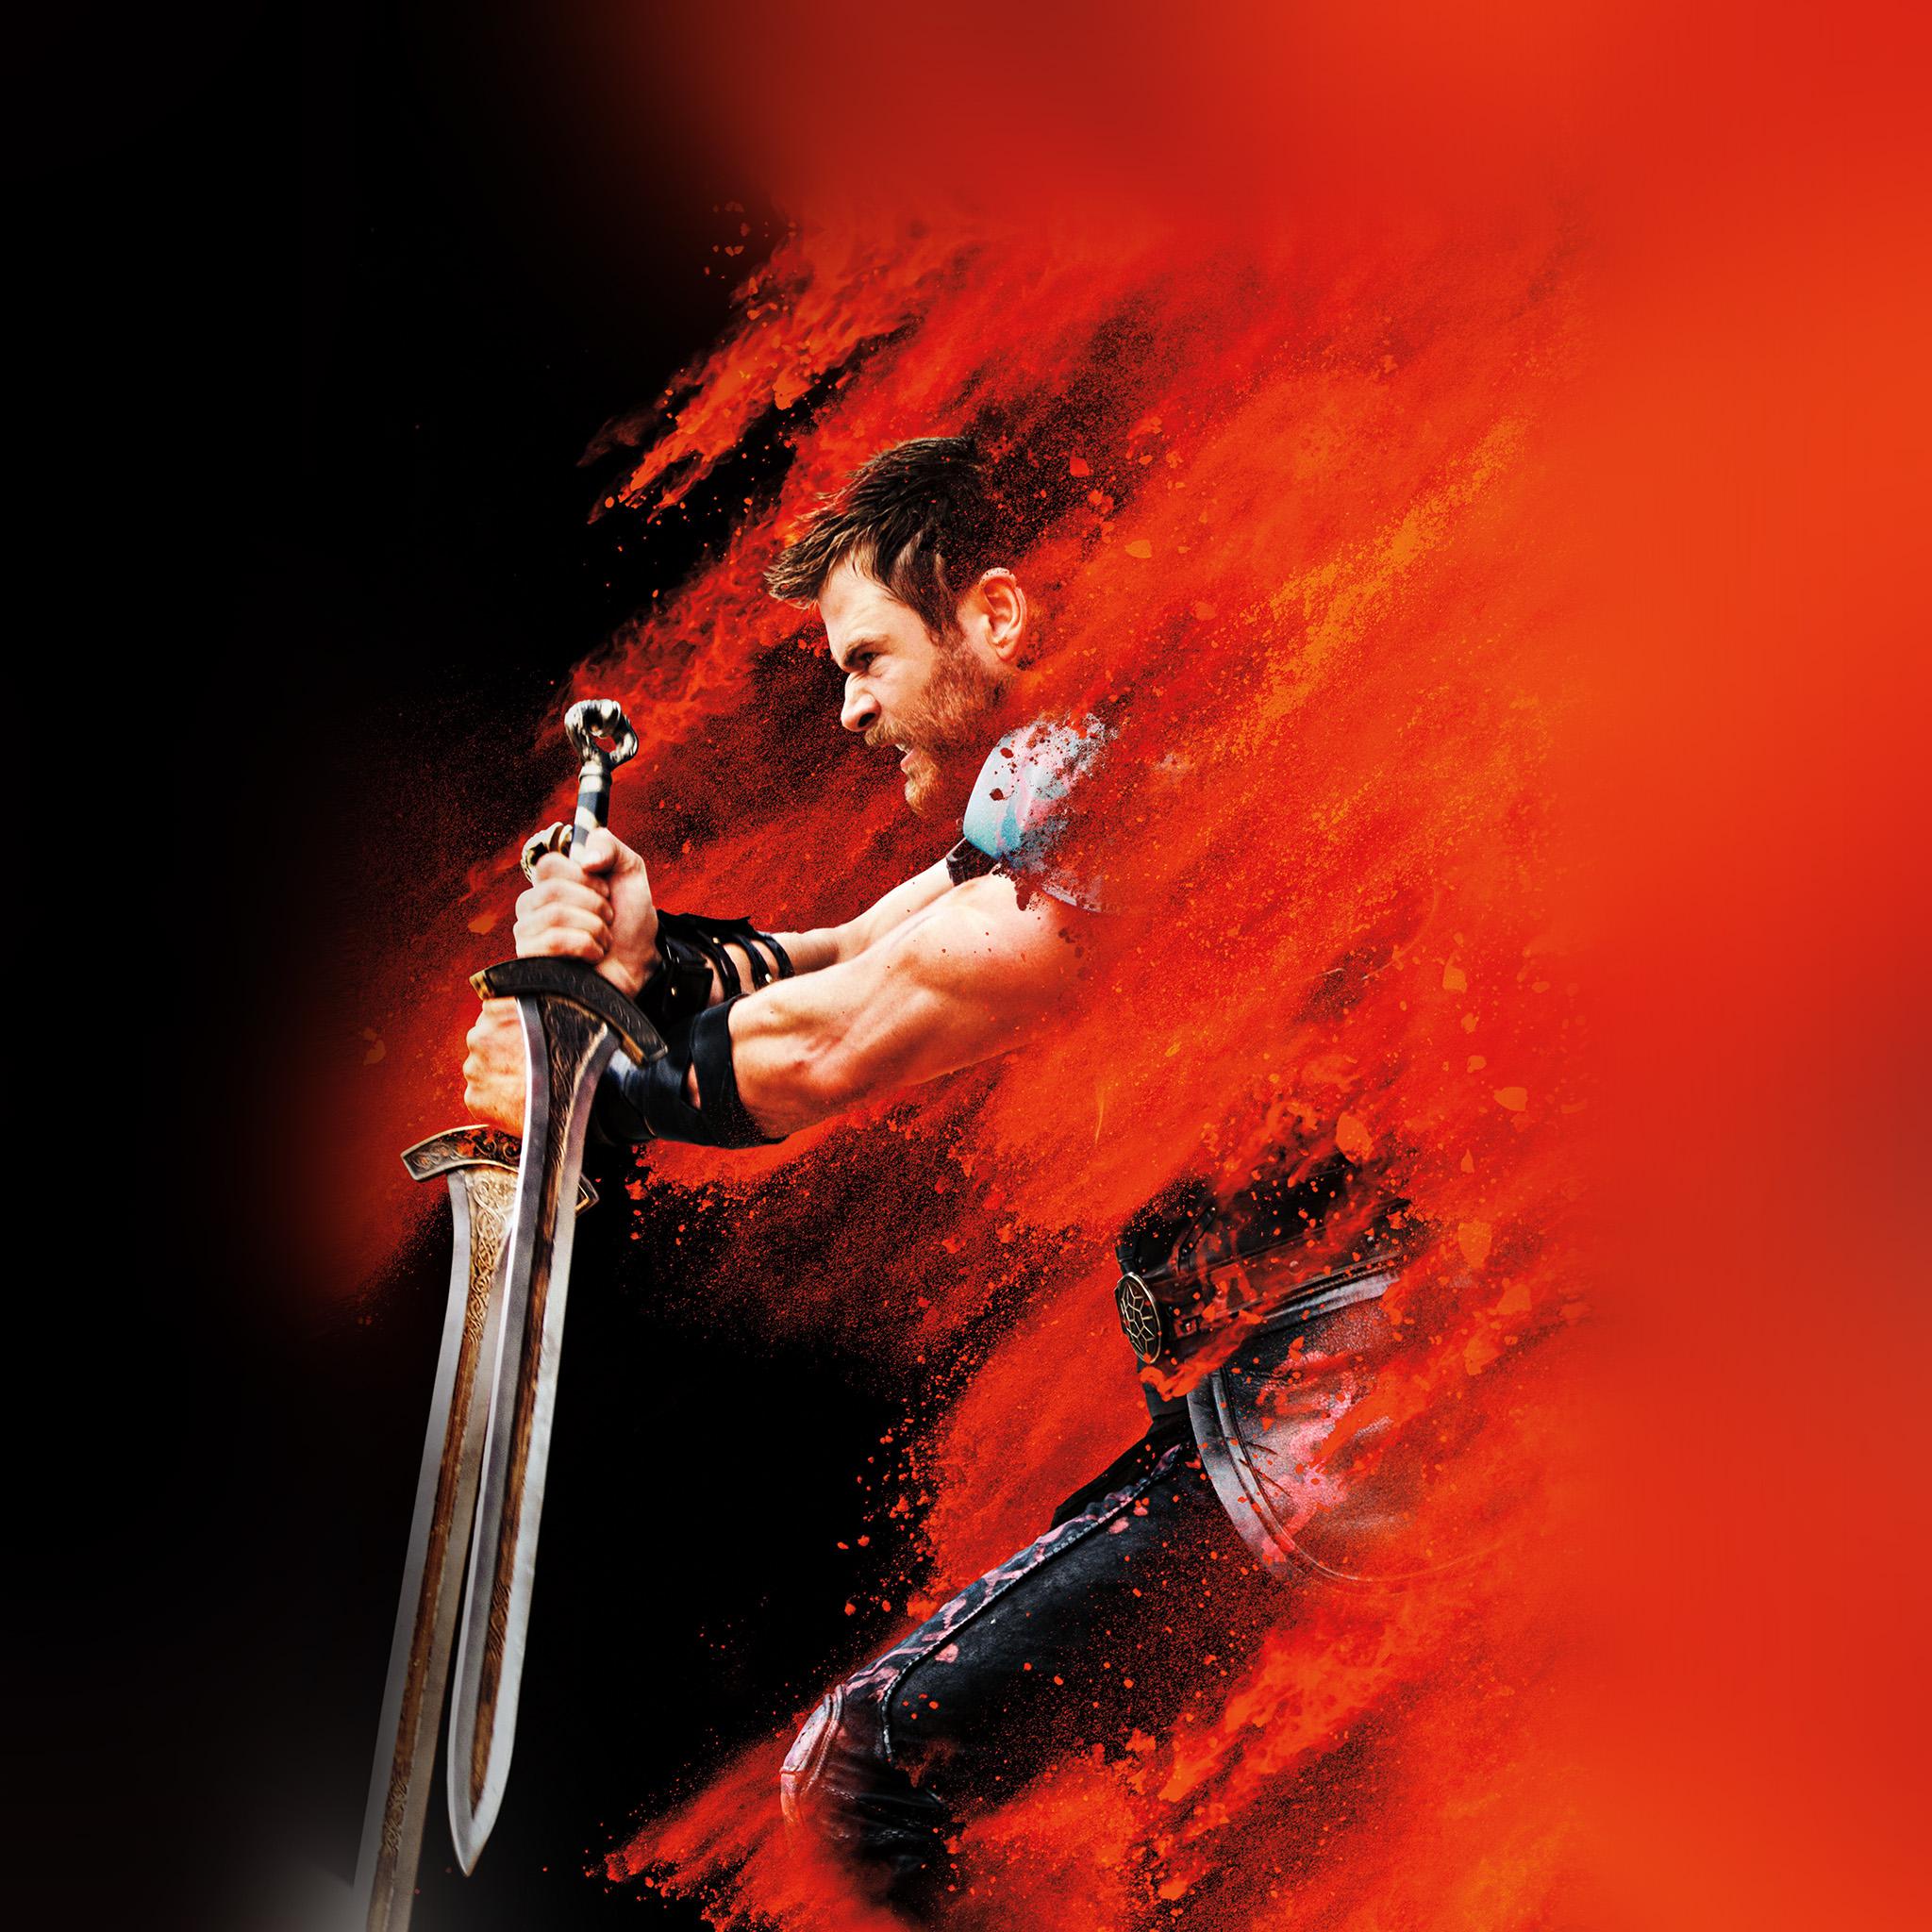 Be53 thor ragnarok red film marvel hero art illustration - Marvel android wallpaper hd ...